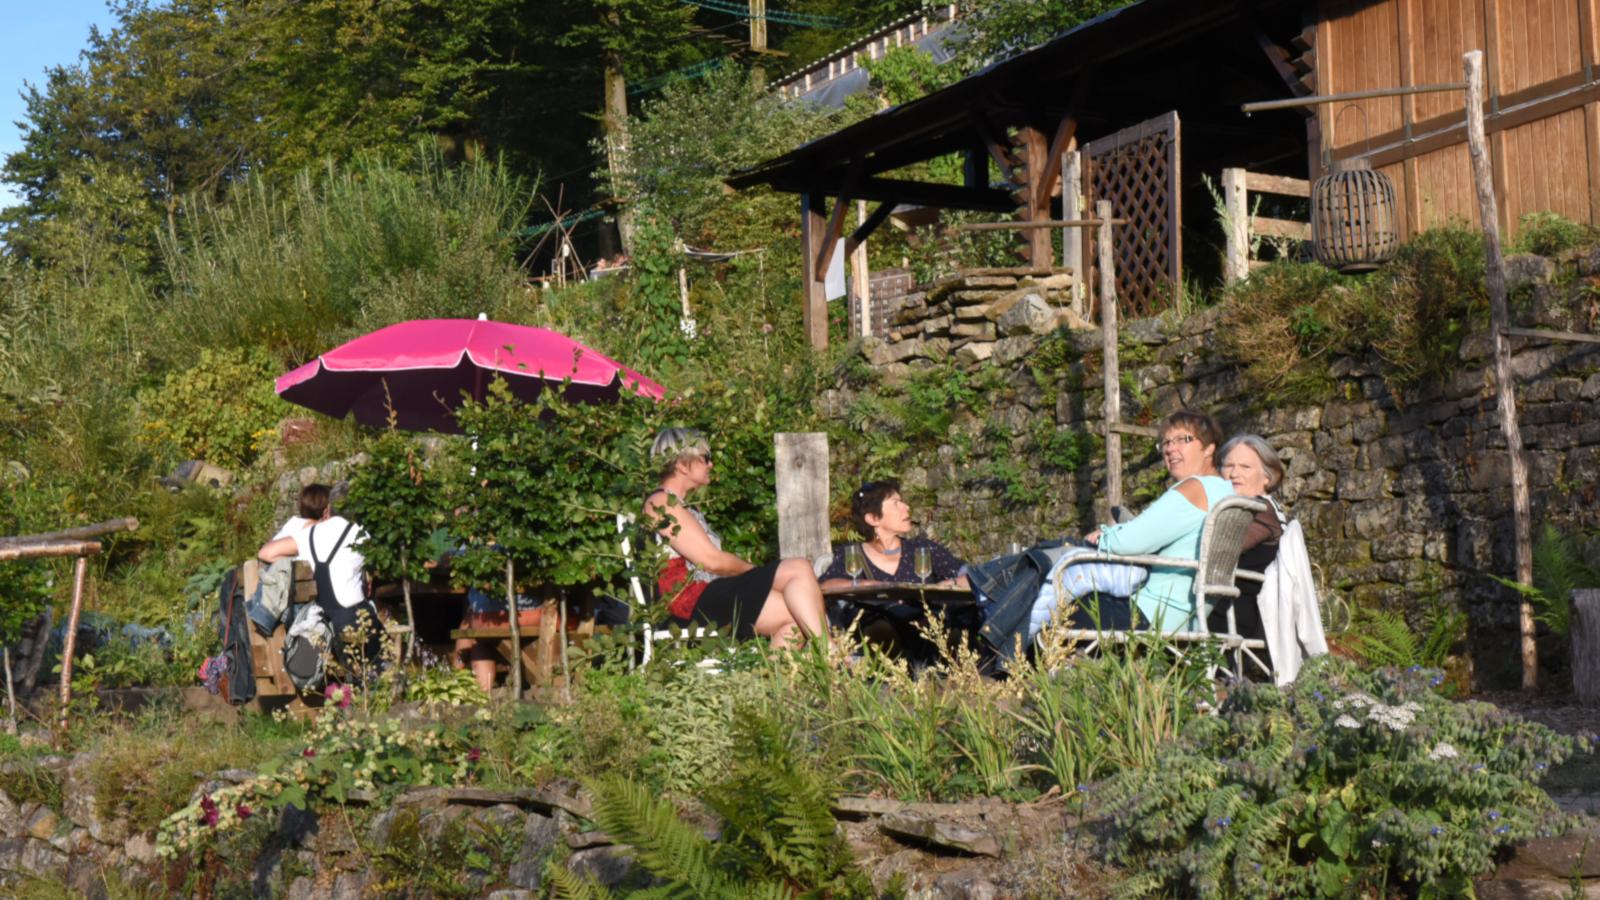 Les jardins en terrasse de Plombières-les-Bains